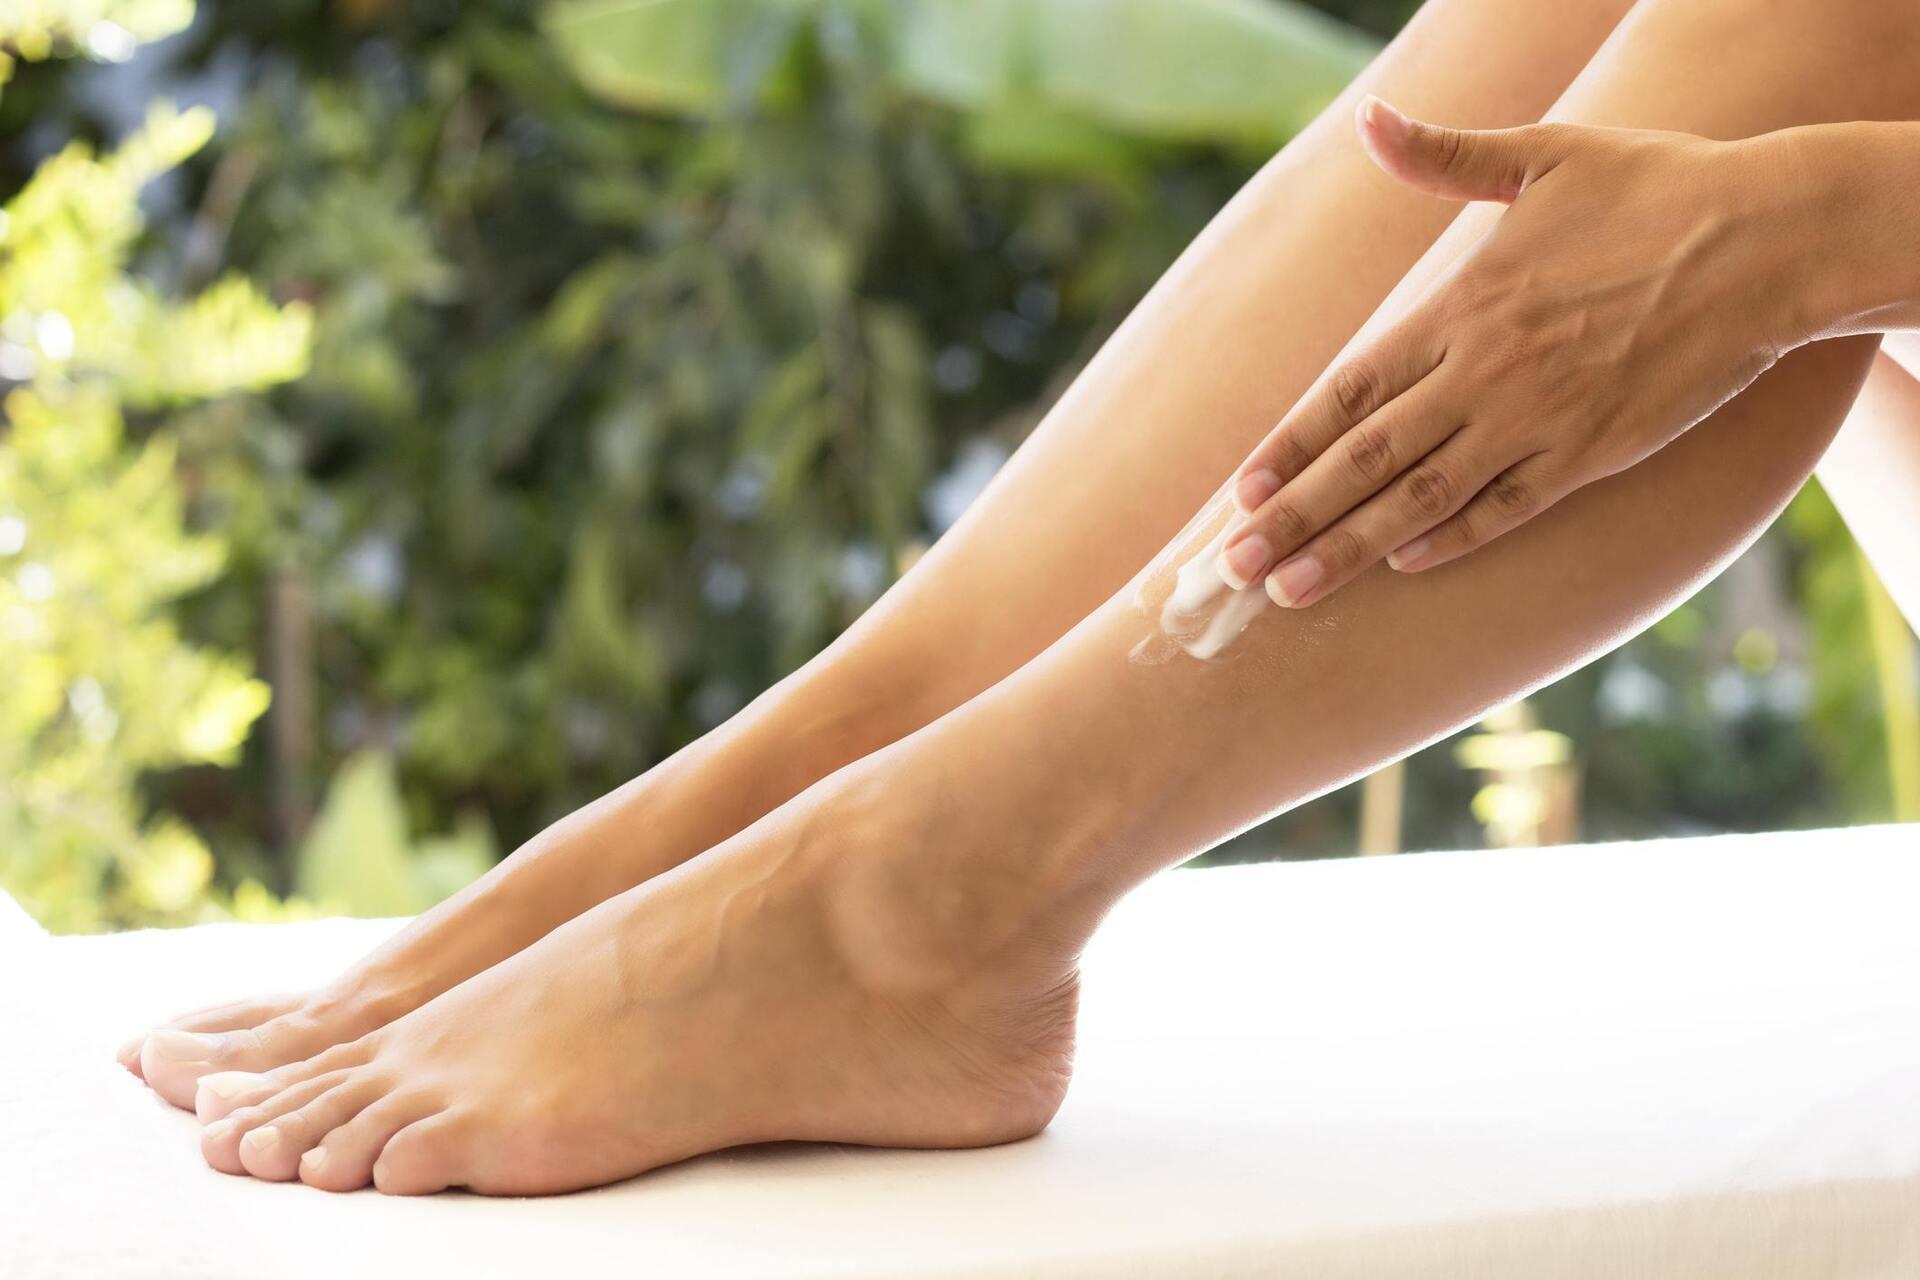 Mulher passando hidratante na perna